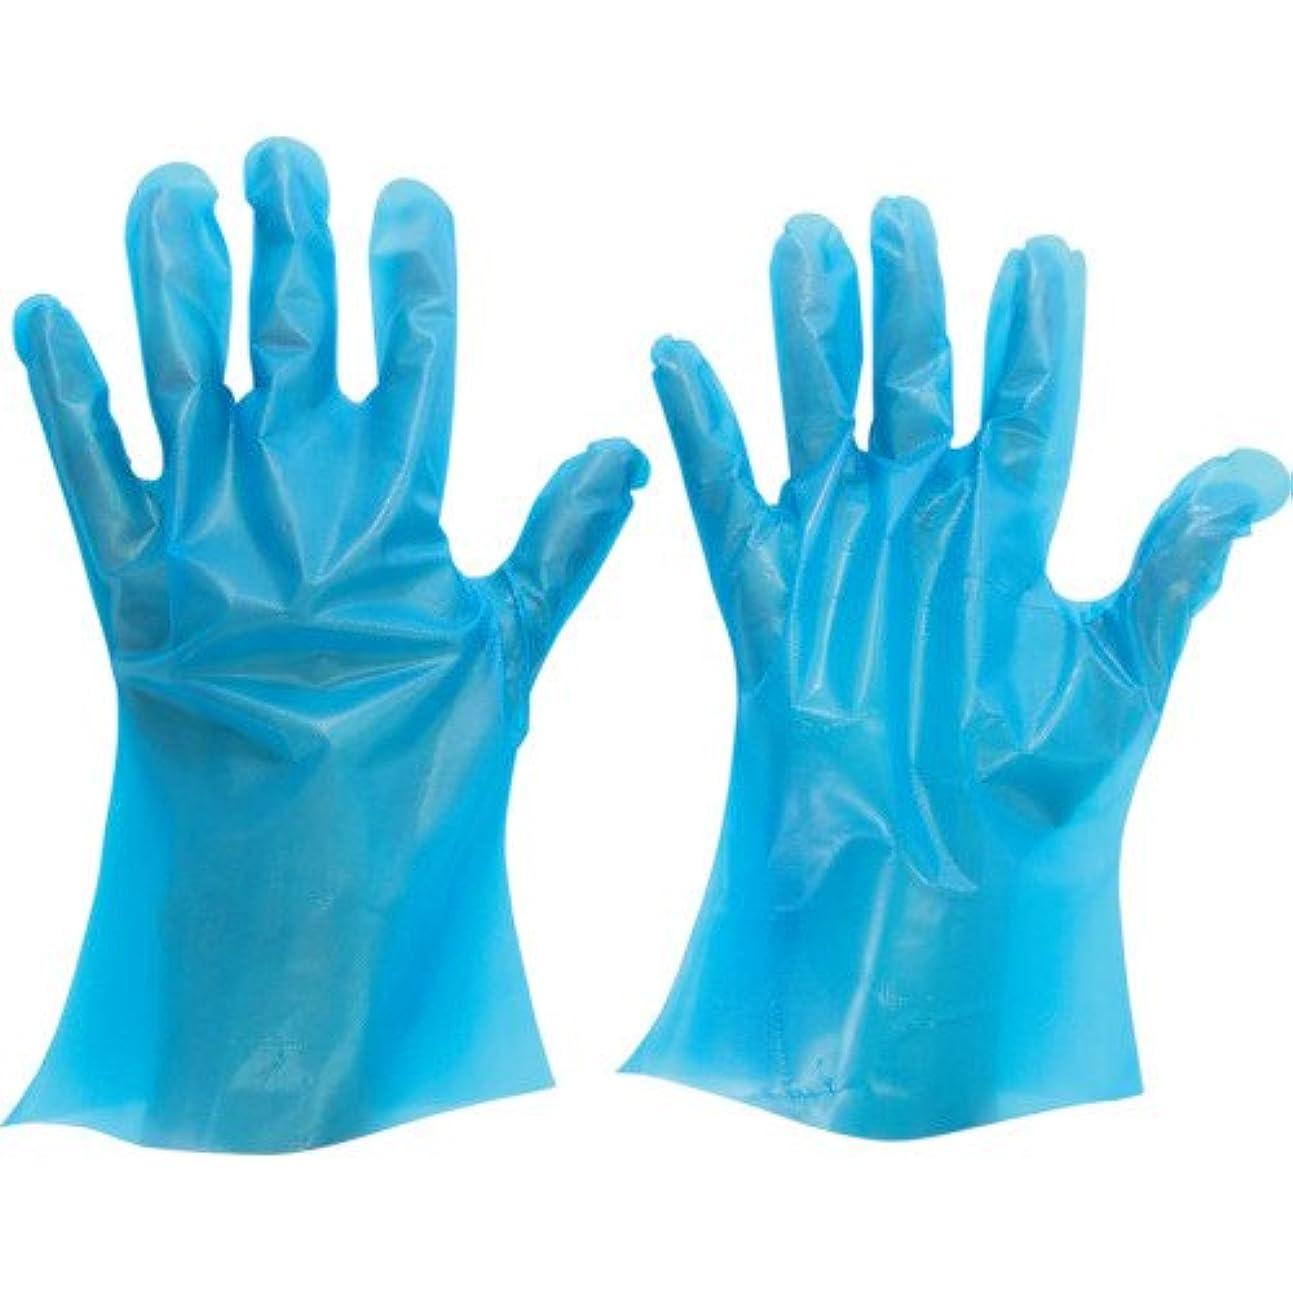 浮く化粧シャープミドリ安全 ポリエチレン使い捨て手袋 厚手 外エンボス 200枚入 青 SS VERTE566NSS